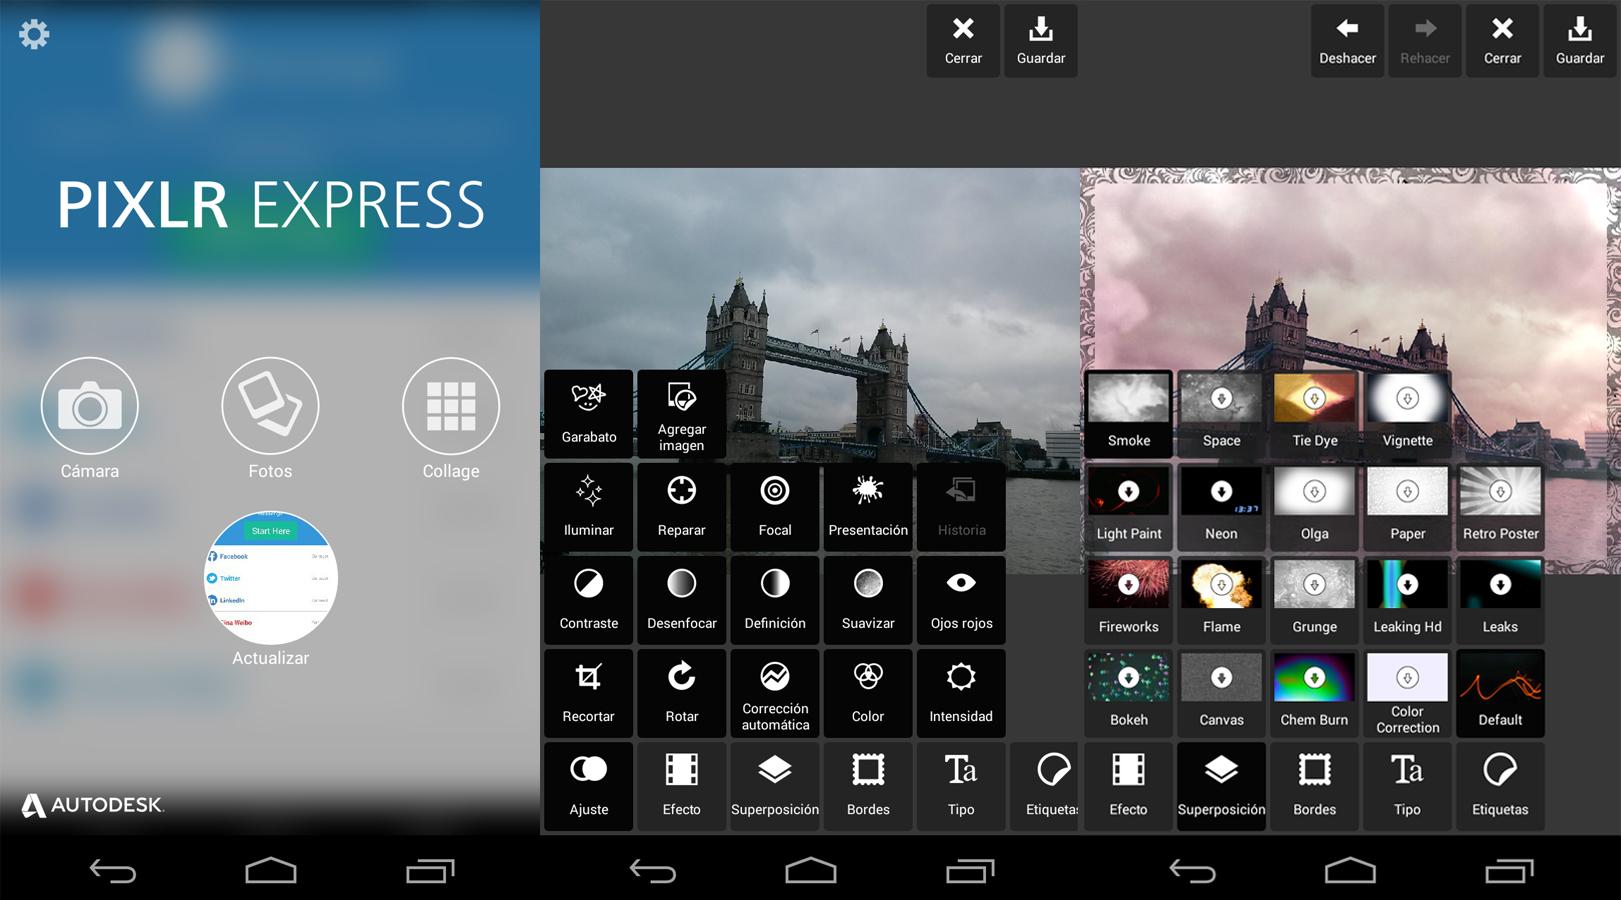 Z lewej strony zrzut ekranu z napisem Pixlr Express, po środku zrzut ekranu ze zdjęciem mostu i różnymi funkcjami, po prawej zdjęcie tego samego mostu po retuszu.Z lewej strony zrzut ekranu z napisem Pixlr Express, po środku zrzut ekranu ze zdjęciem mostu i różnymi funkcjami, po prawej zdjęcie tego samego mostu po retuszu.